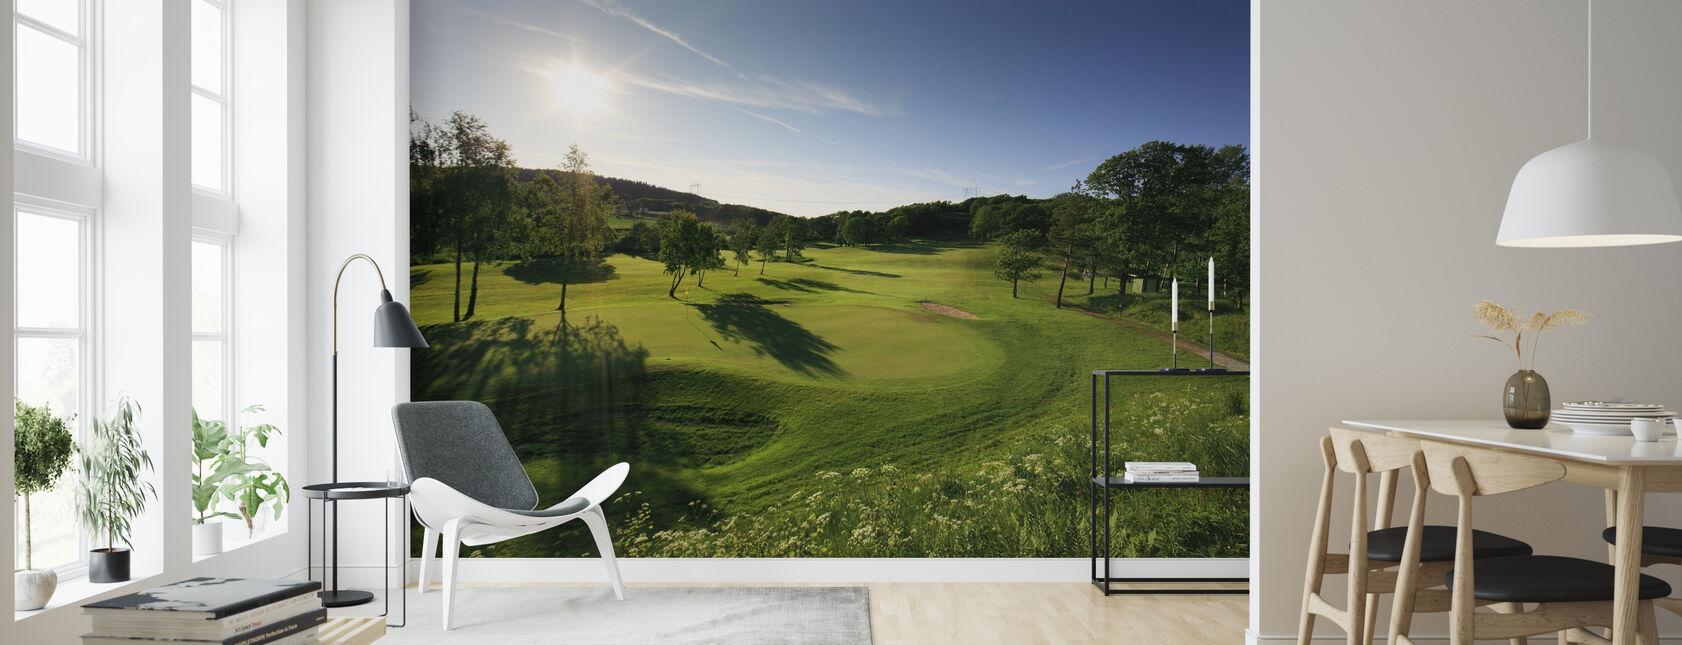 Golfbana i Göteborg, Sverige - Tapet - Vardagsrum